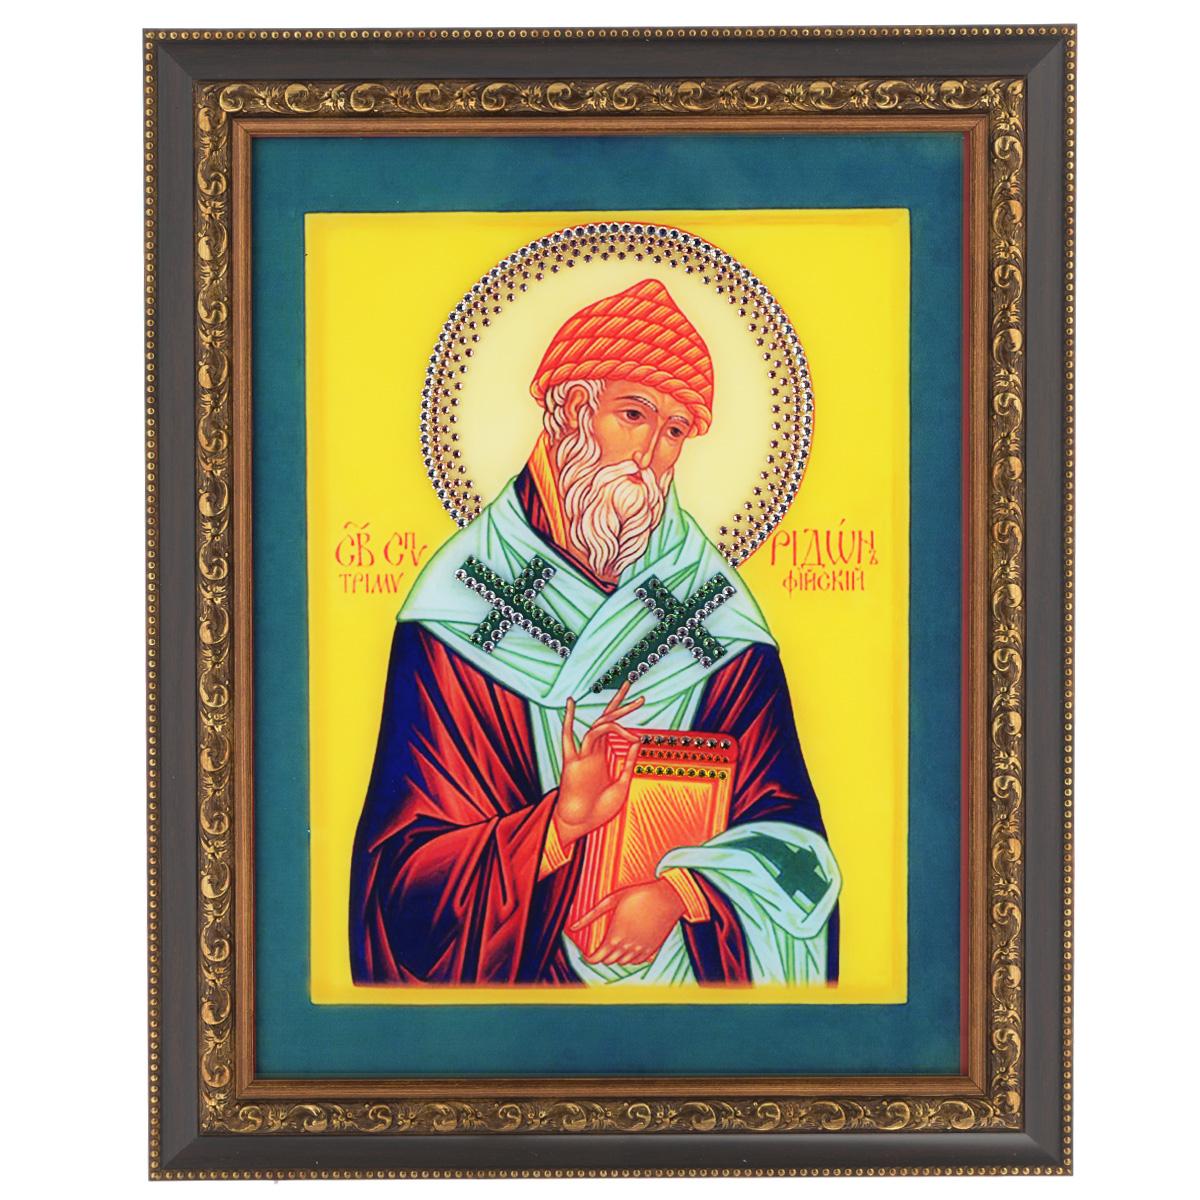 Картина с кристаллами Swarovski Икона. Святитель Спиридон Тримифудский, 37,5 см х 47,5 см12723Изящная картина в багетной раме, инкрустирована кристаллами Swarovski, которые отличаются четкой и ровной огранкой, ярким блеском и чистотой цвета. Красочное изображение Иконы Святитель Спиридон Тримифудский, расположенное под стеклом, прекрасно дополняет блеск кристаллов. С обратной стороны имеется металлическая проволока для размещения картины на стене. Картина с кристаллами Swarovski Икона. Святитель Спиридон Тримифудский элегантно украсит интерьер дома или офиса, а также станет прекрасным подарком, который обязательно понравится получателю. Блеск кристаллов в интерьере, что может быть сказочнее и удивительнее. Картина упакована в подарочную картонную коробку синего цвета и комплектуется сертификатом соответствия Swarovski.